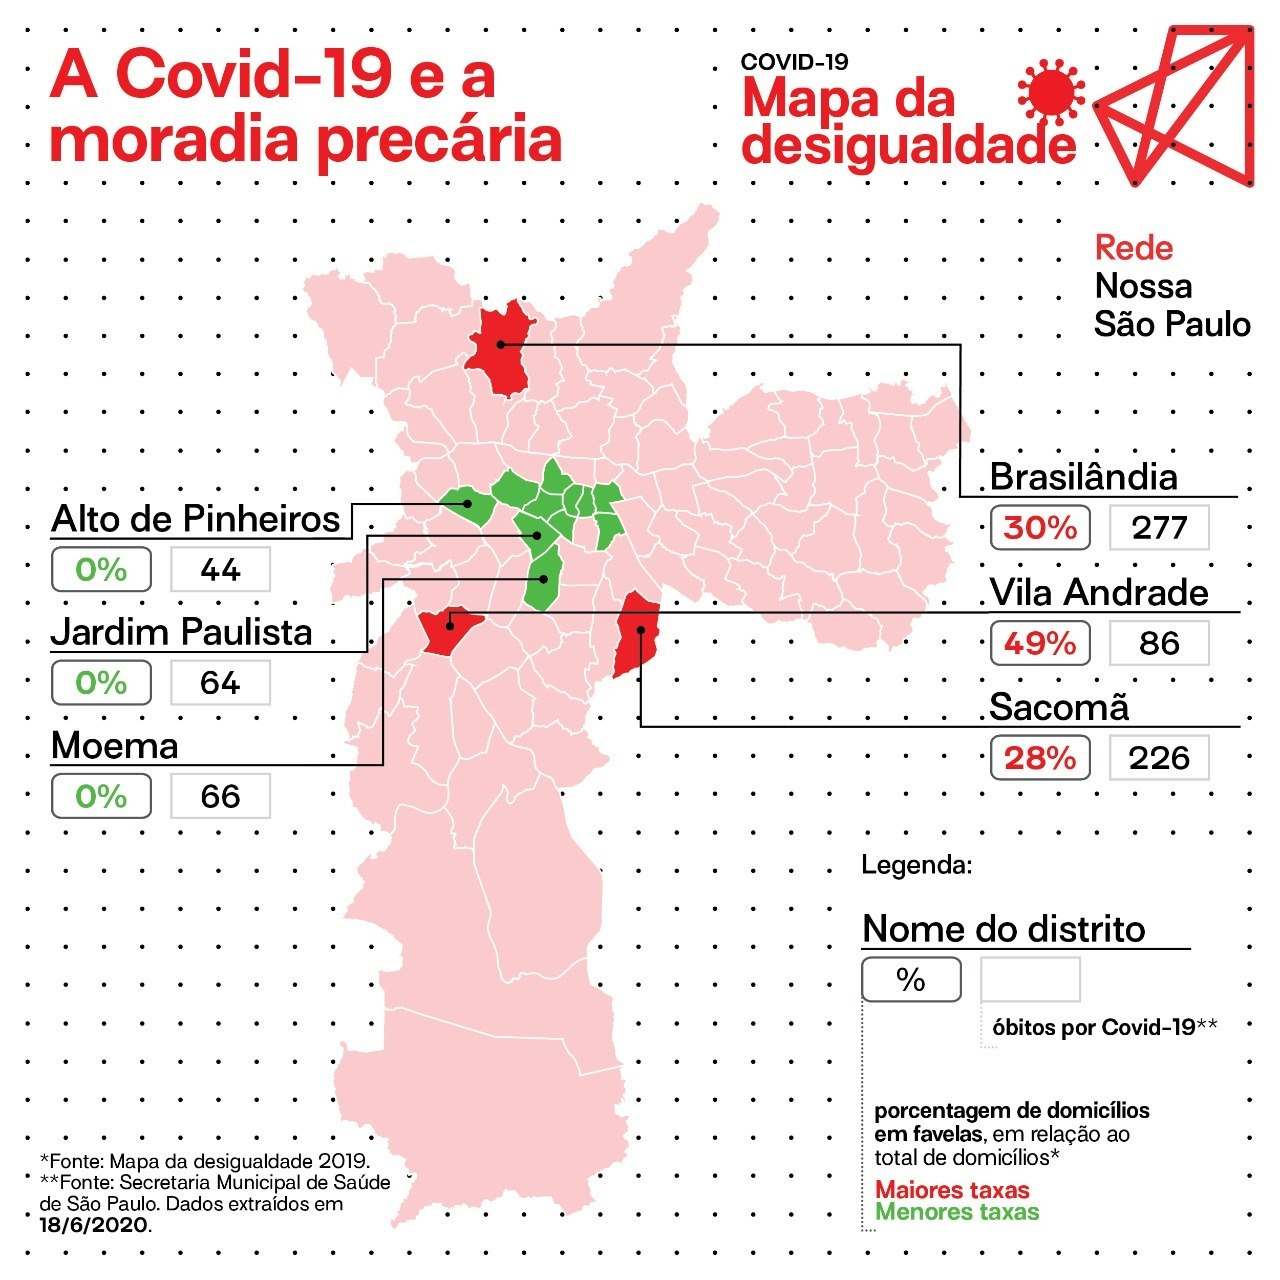 Mapa da relação entre domicílios em favelas e óbitos por covid-19